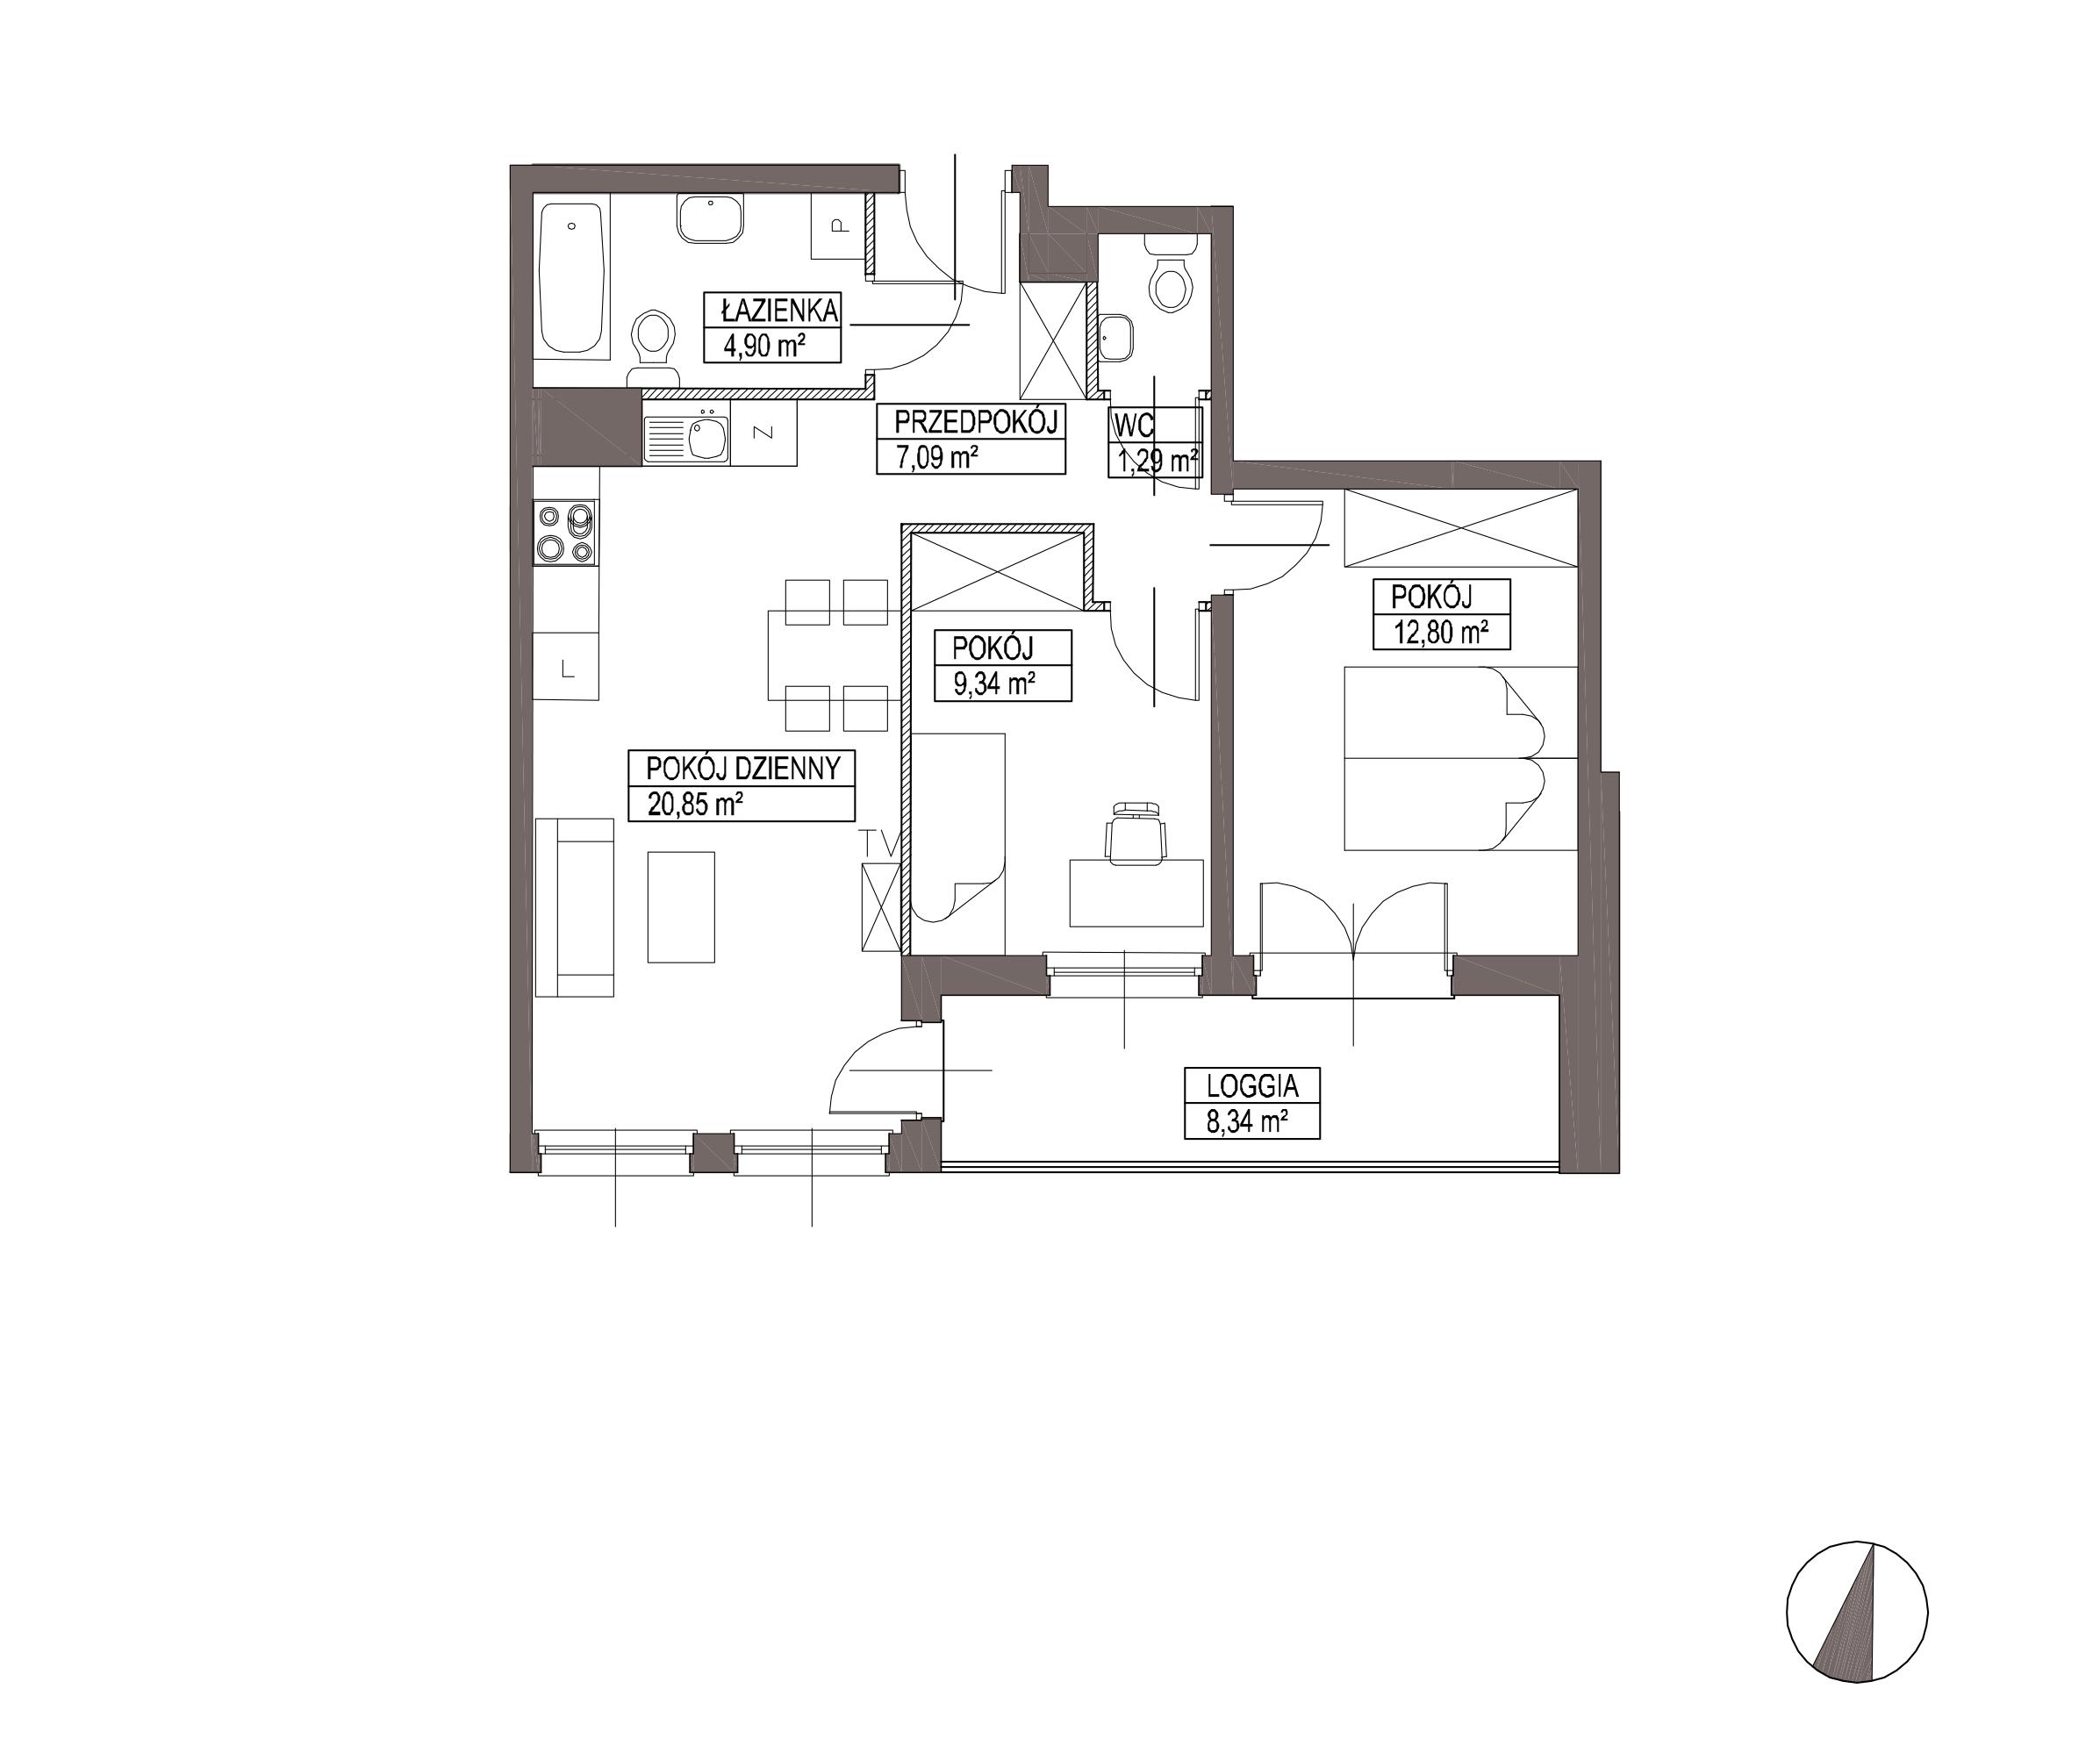 Kameralna Olszówka / budynek 1 / mieszkanie KO/A/3/2 rzut 1